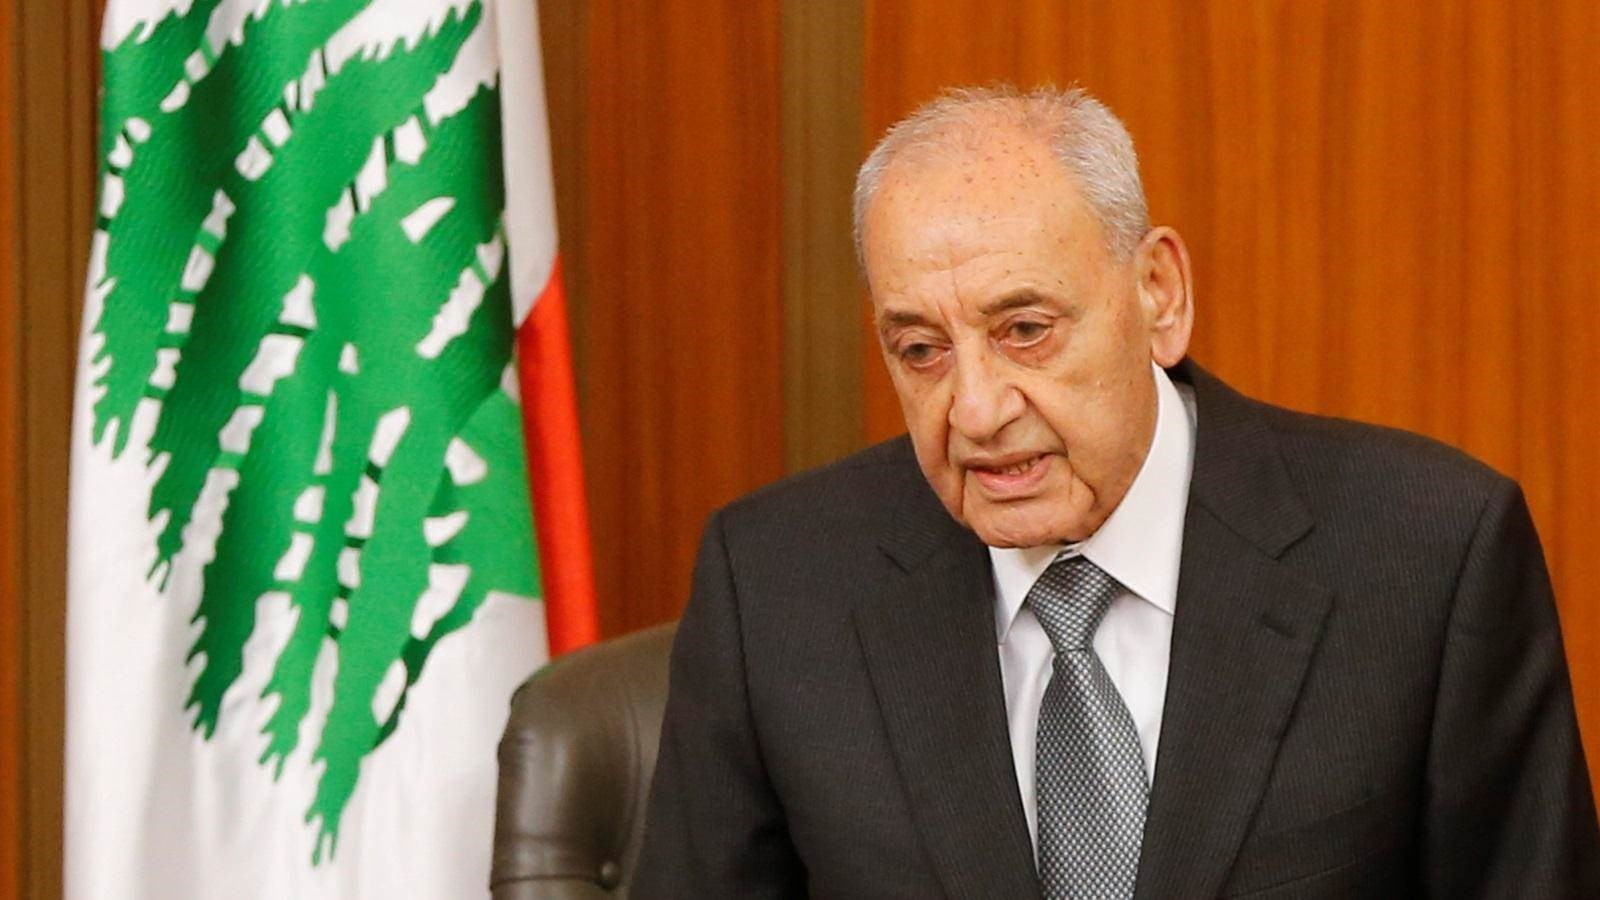 بري: المقاومون اللبنانيون استطاعوا كتف إلى كتف مع الجيش والشعب أن يثبتوا عجز العدوانية الإسرائيلية